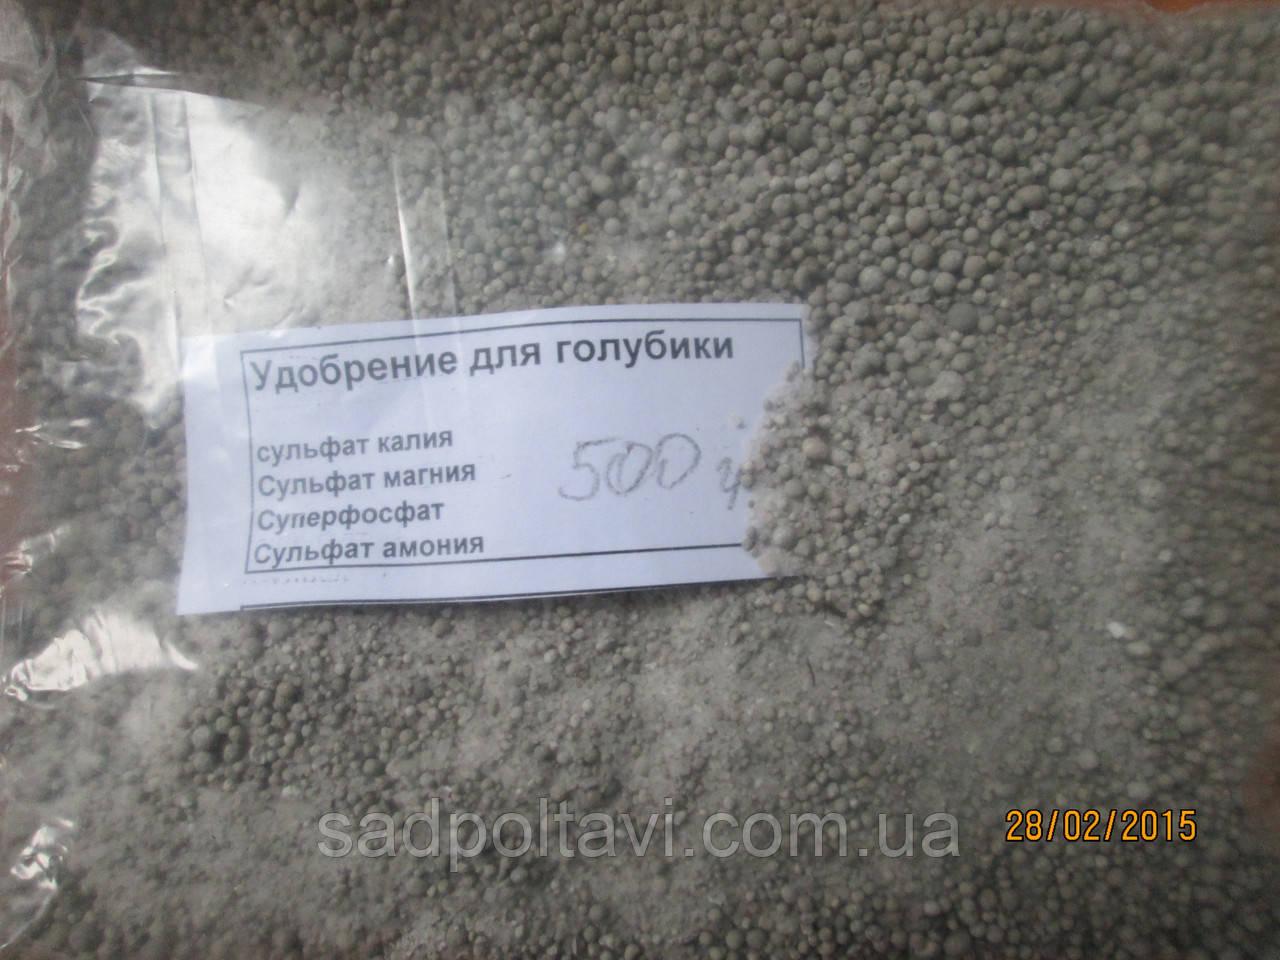 Комплексное удобрение для голубики и клюквы, брусники (1кг)